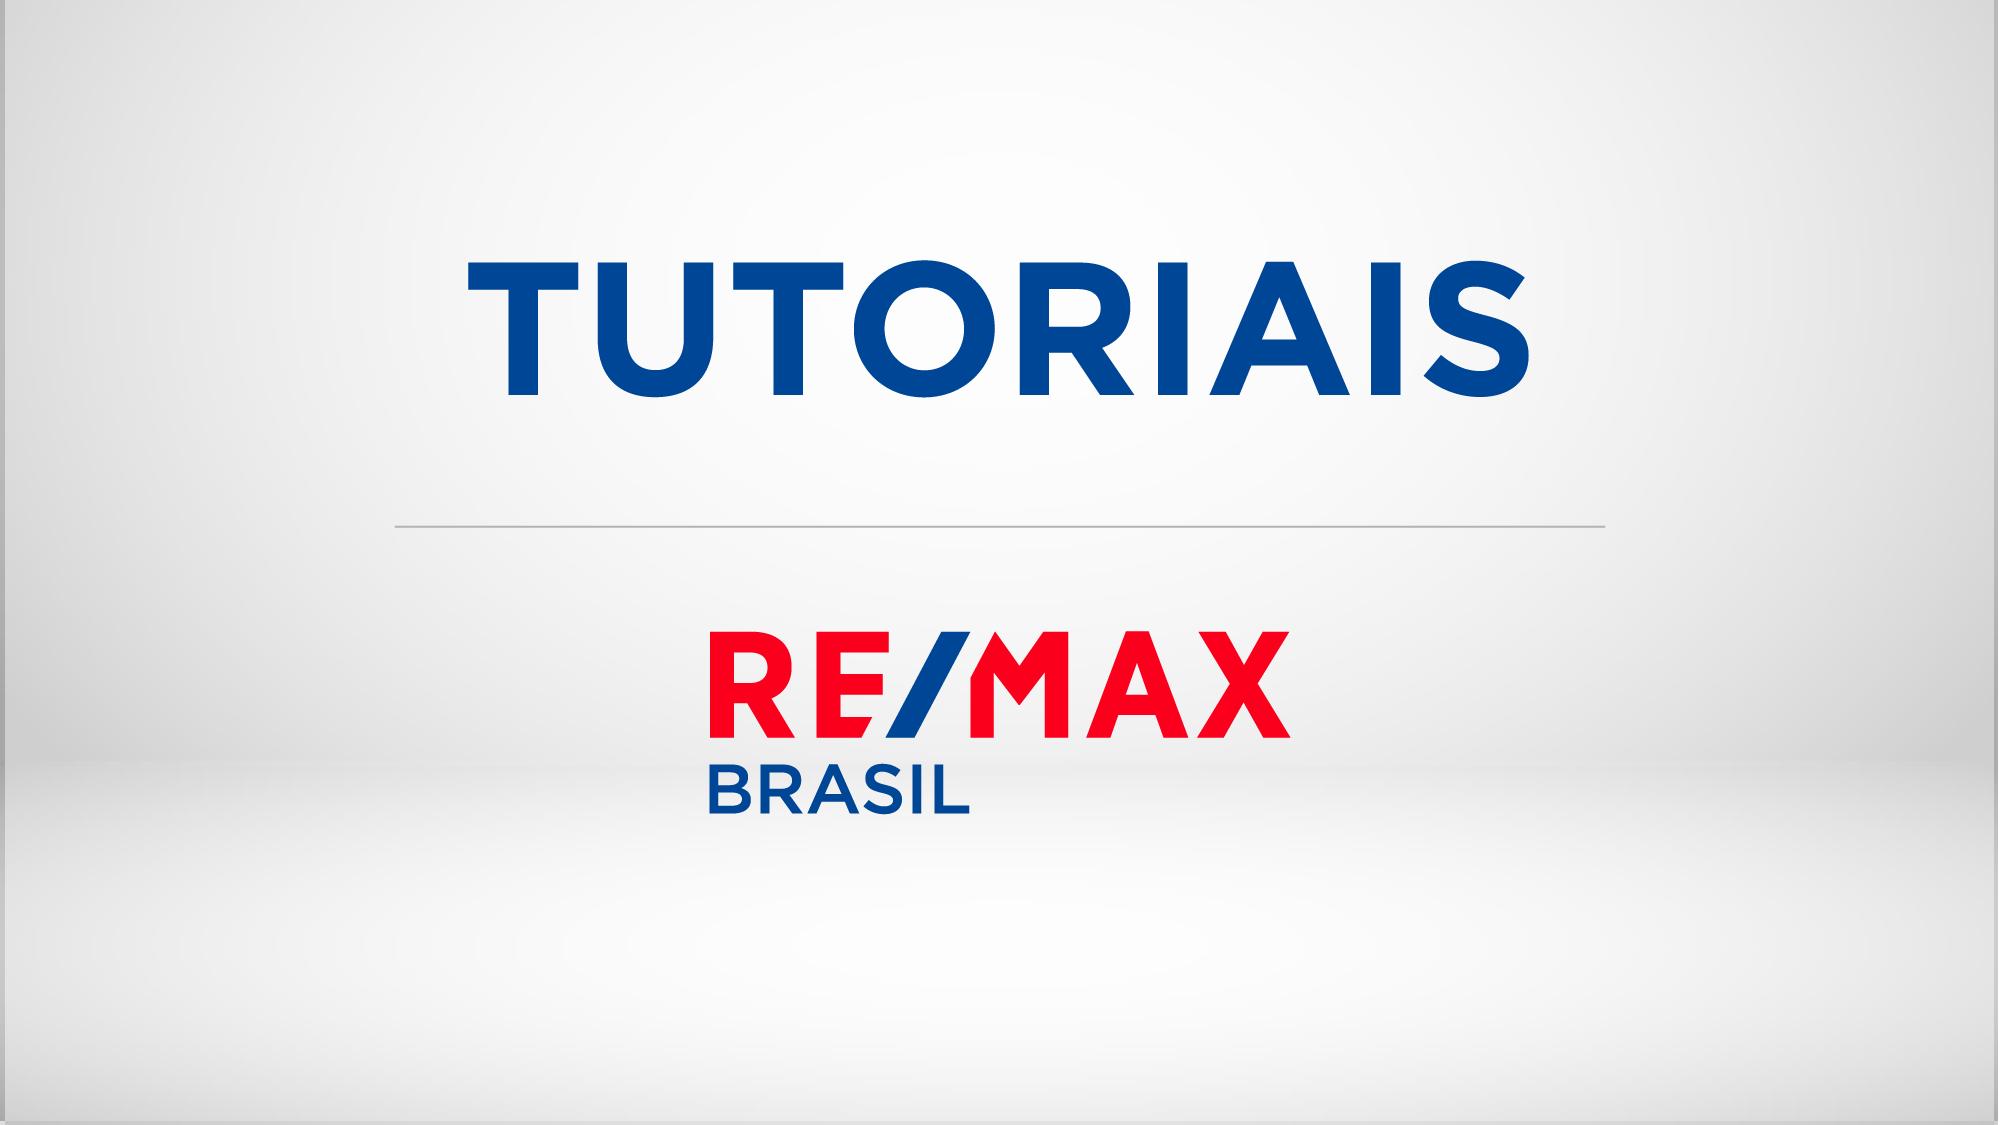 Tutoriais RE/MAX Brasil & Google